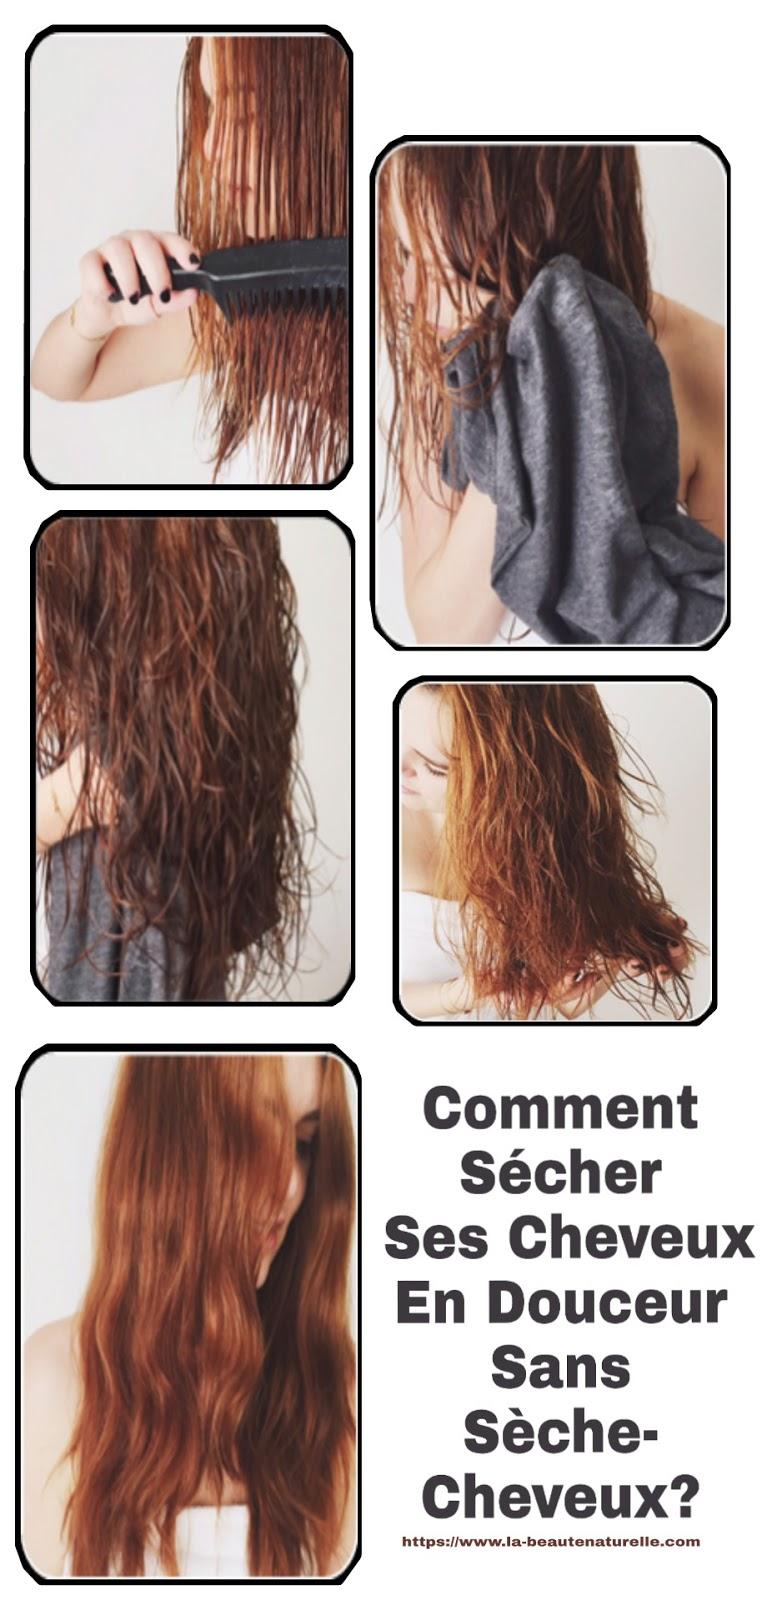 Comment Sécher Ses Cheveux En Douceur Sans Sèche-Cheveux?